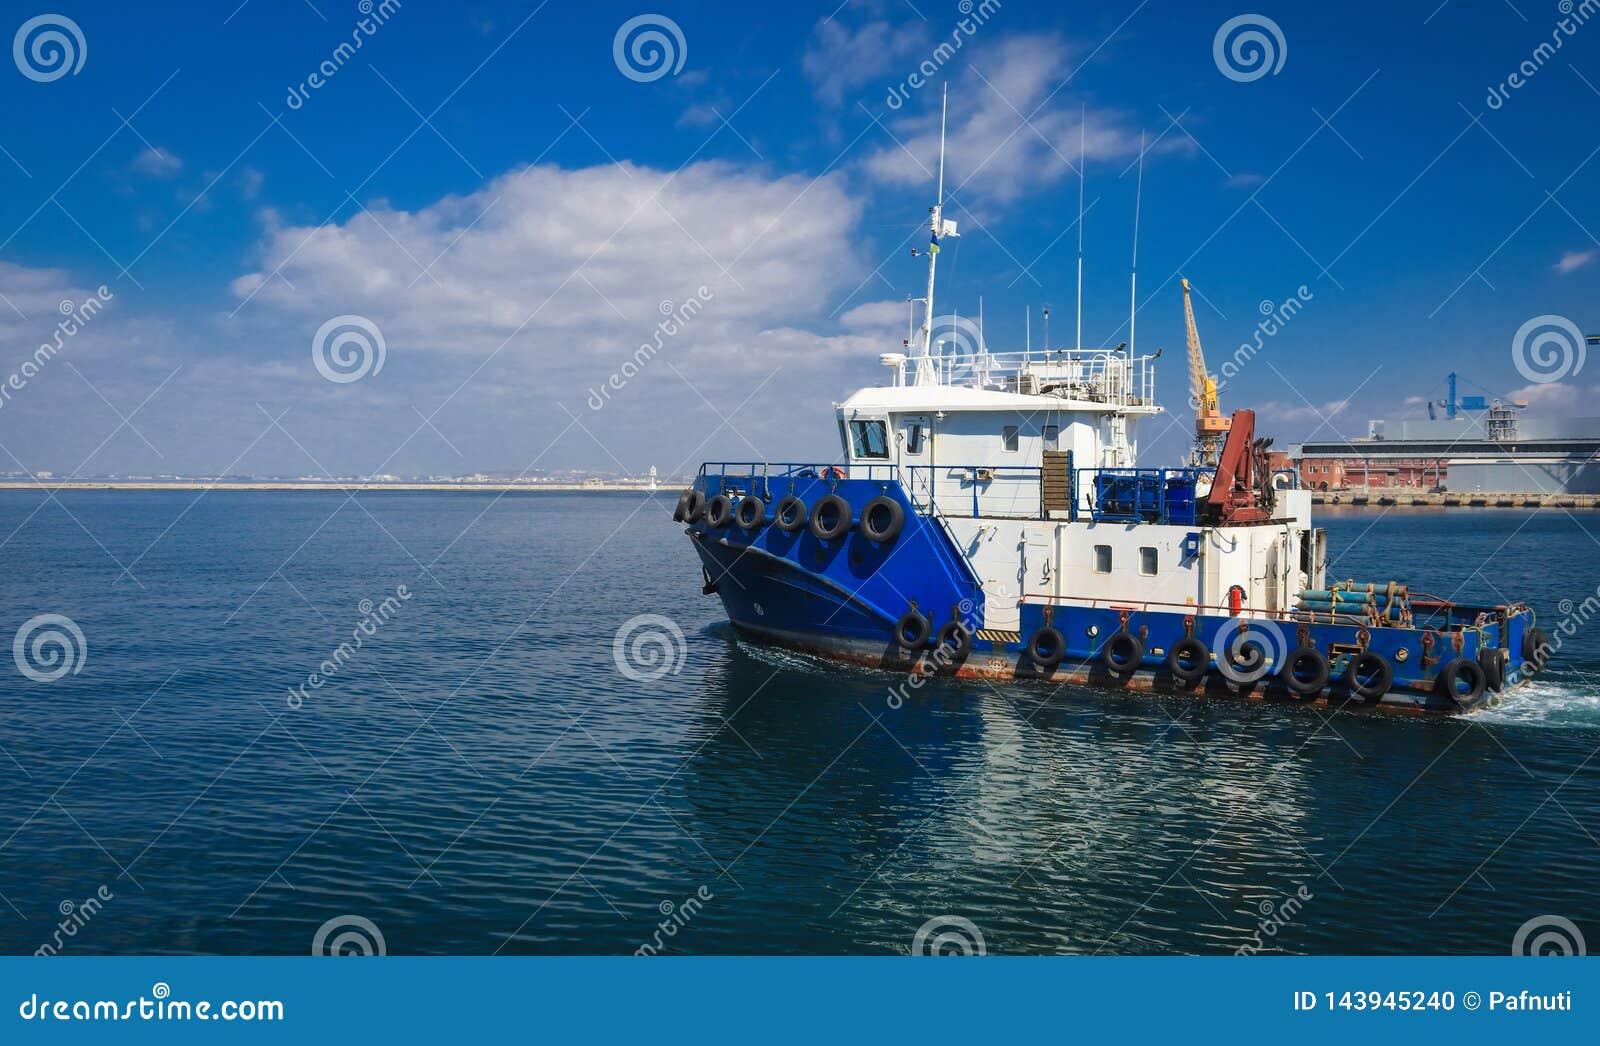 拖曳船在公海,在海的蓝色拖轮航行